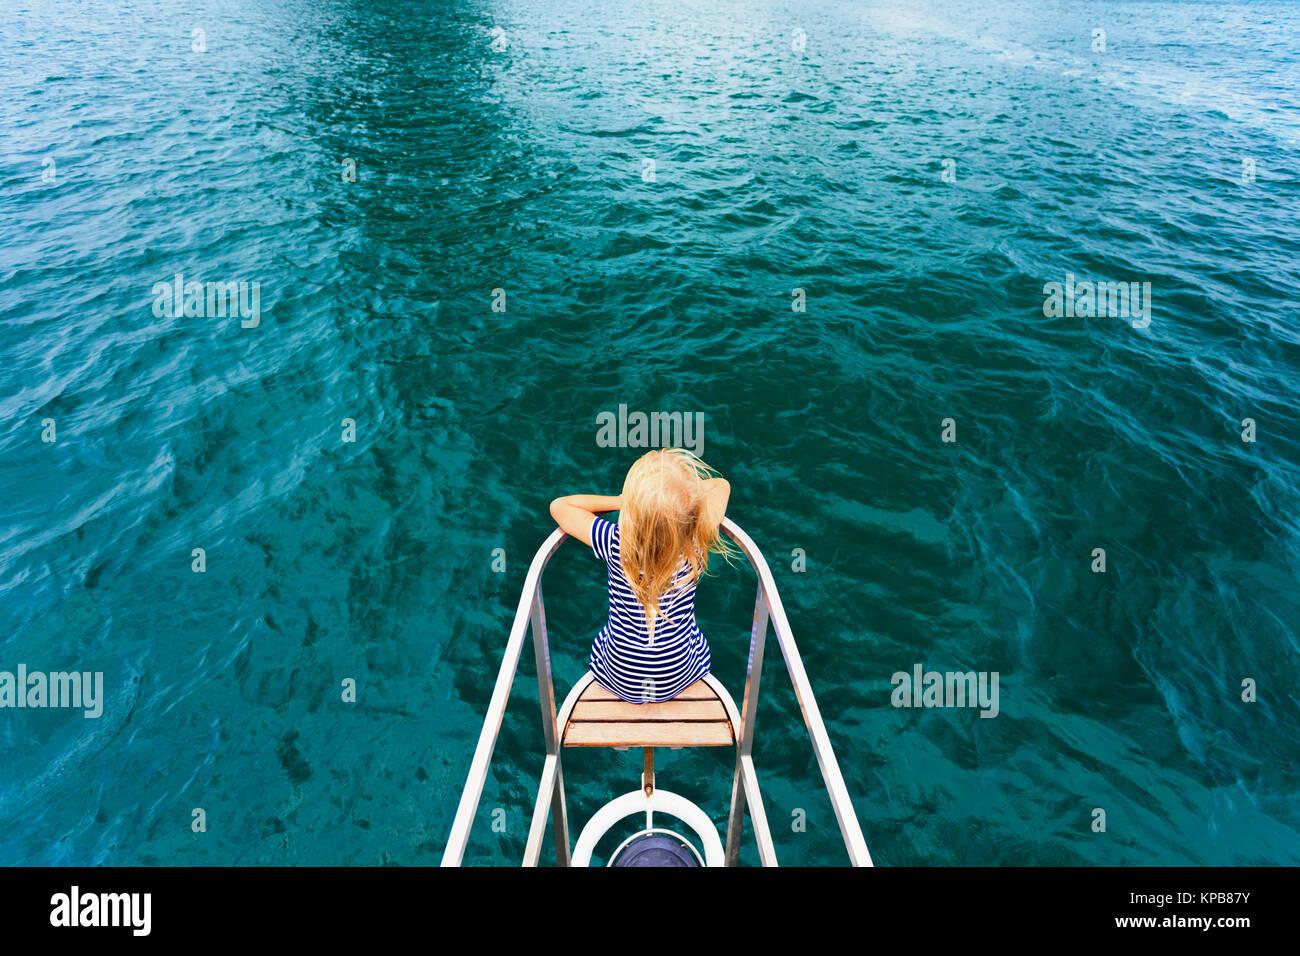 Alegre retrato infantil. Poco feliz niña a bordo del velero de divertirse descubriendo islas en el mar tropical Imagen De Stock